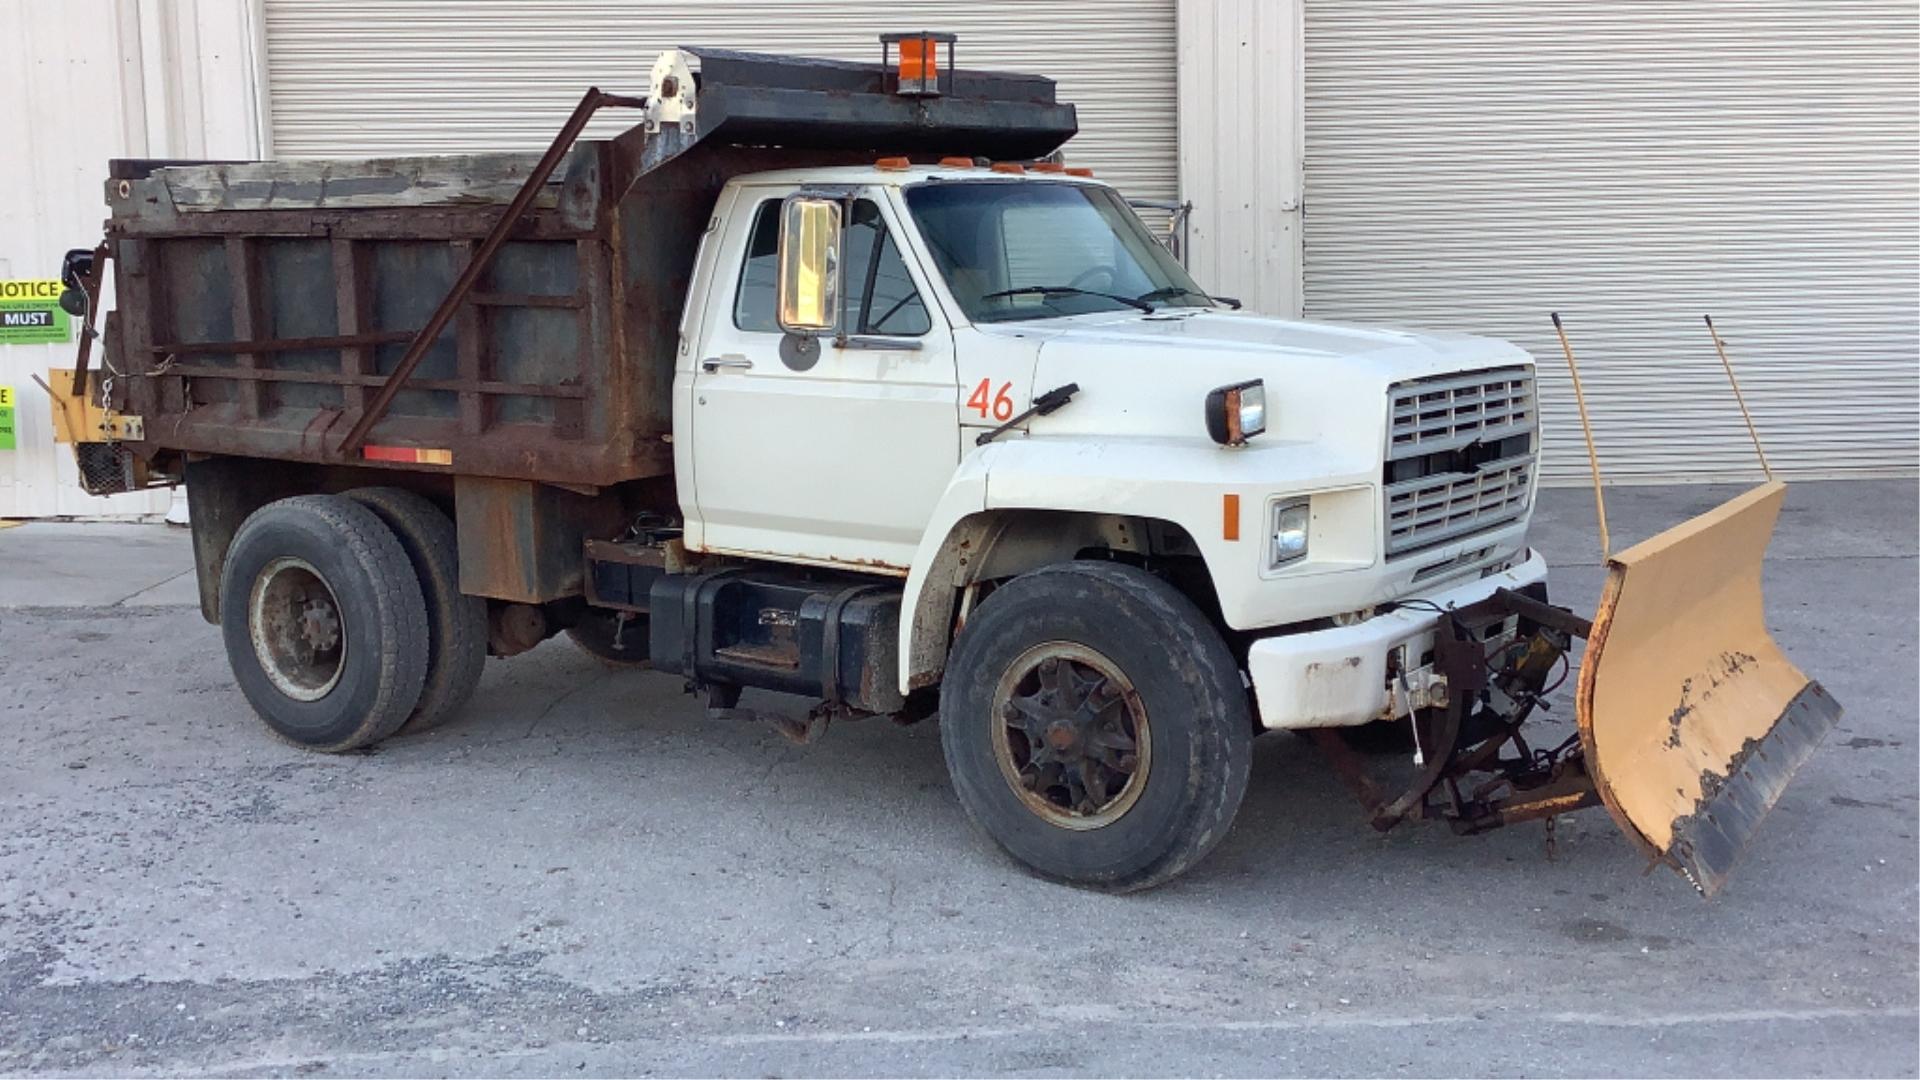 1987 Ford F800 Dump Truck w/ Snow Plow